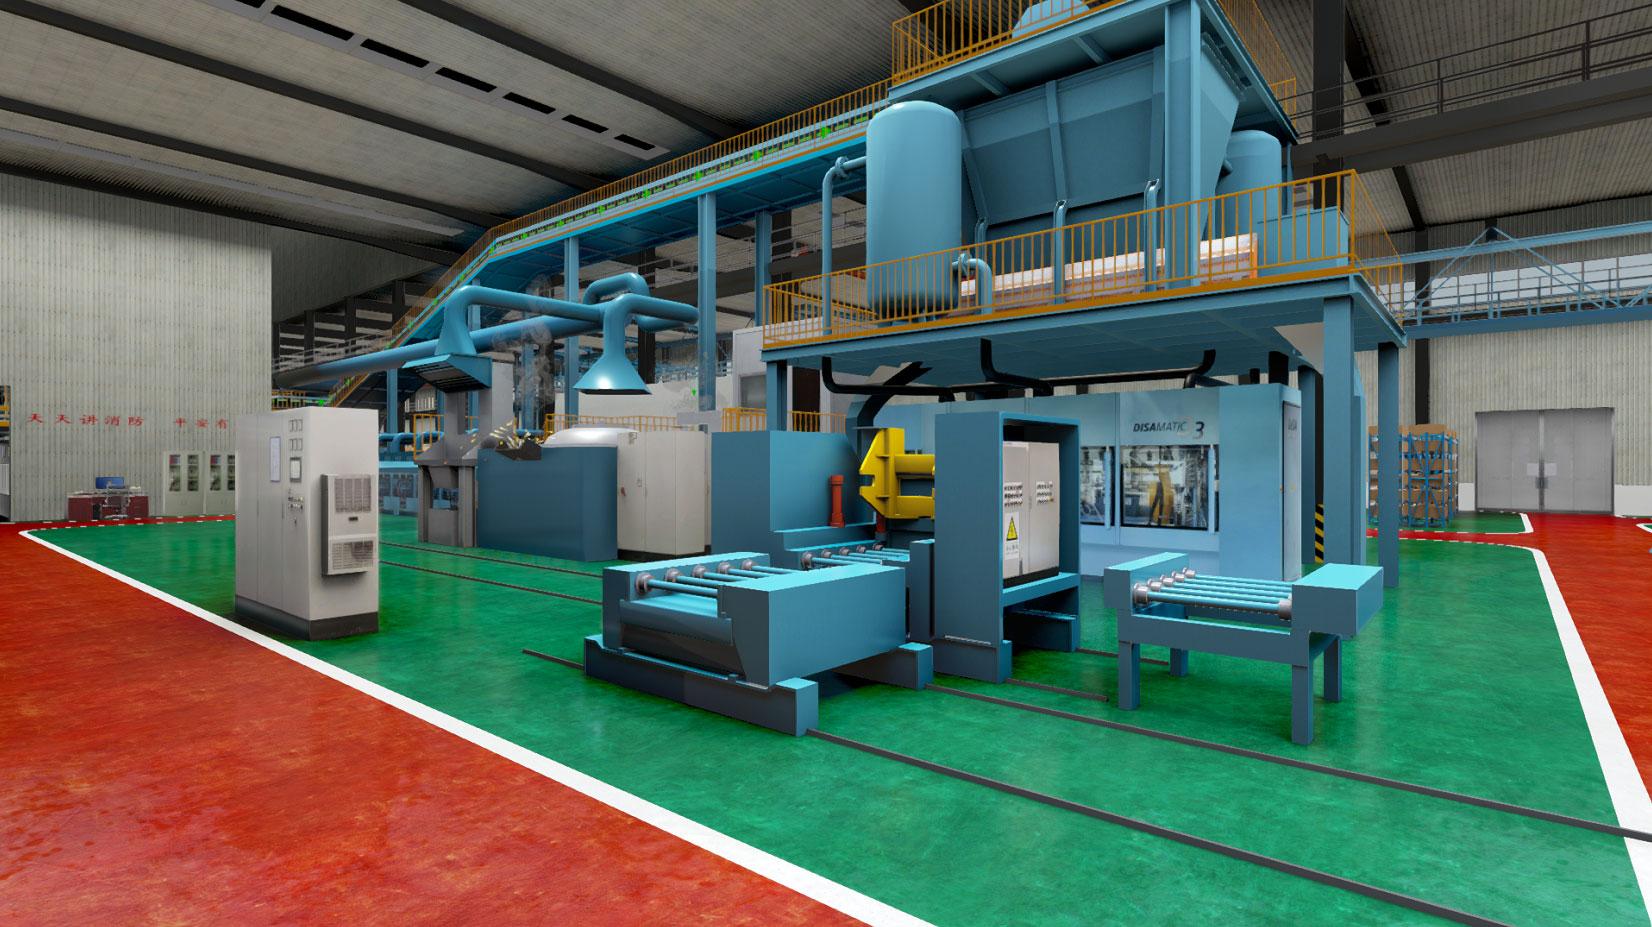 华中科技大学材料热成形虚拟仿真实训室